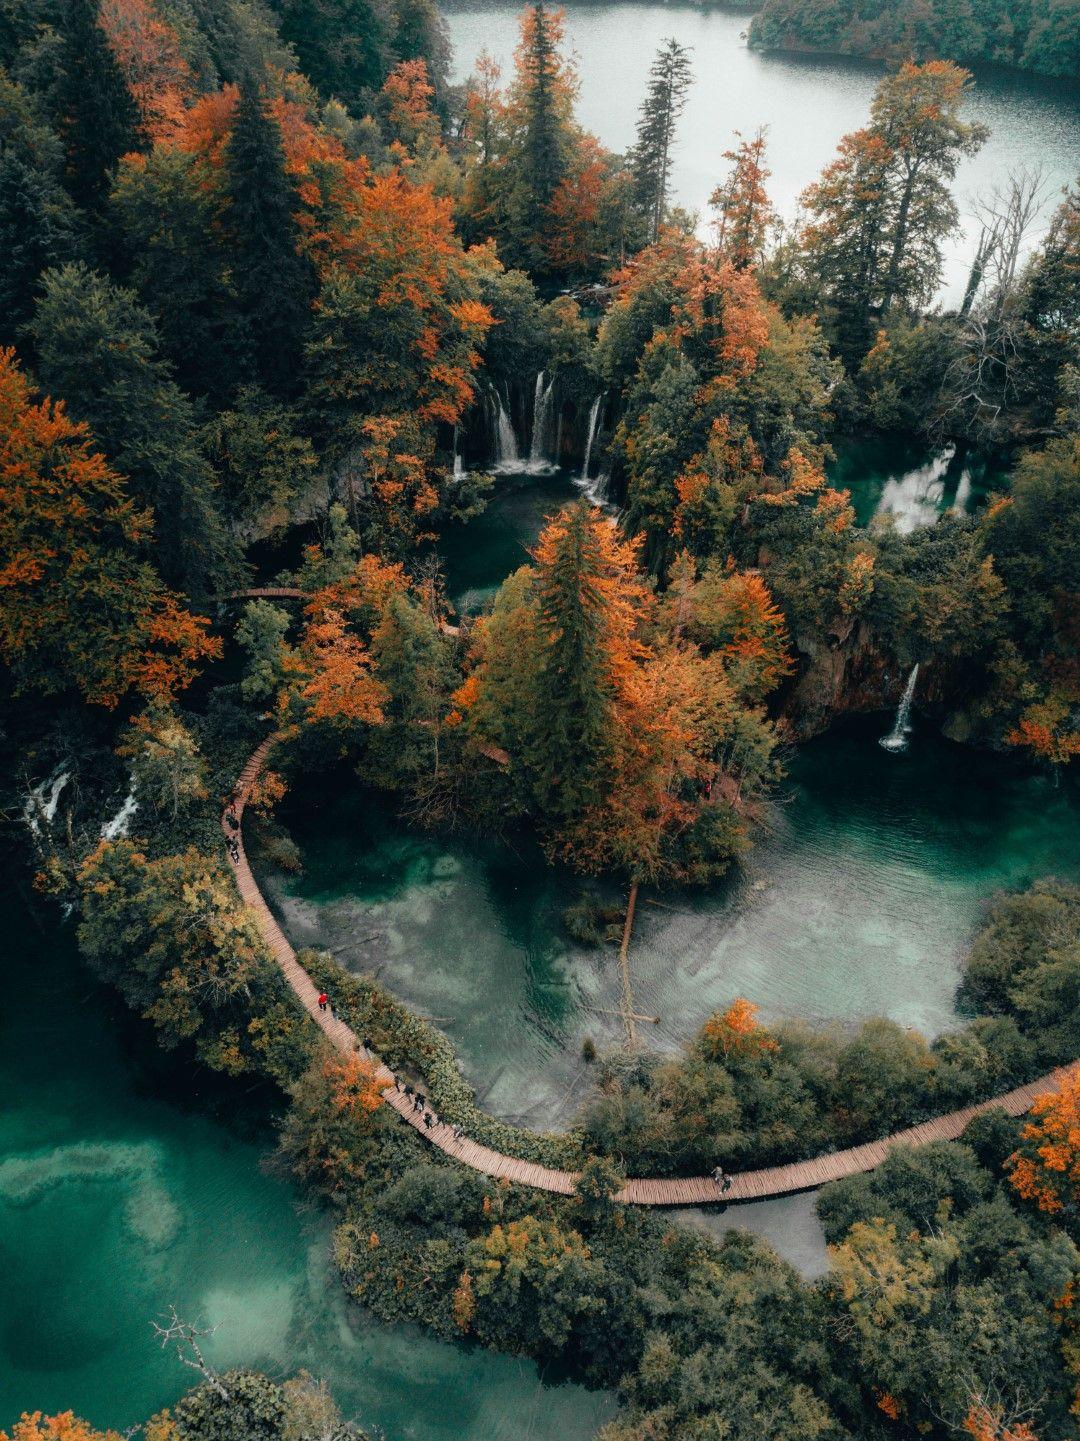 През есента на езерата има много по-малко посетители